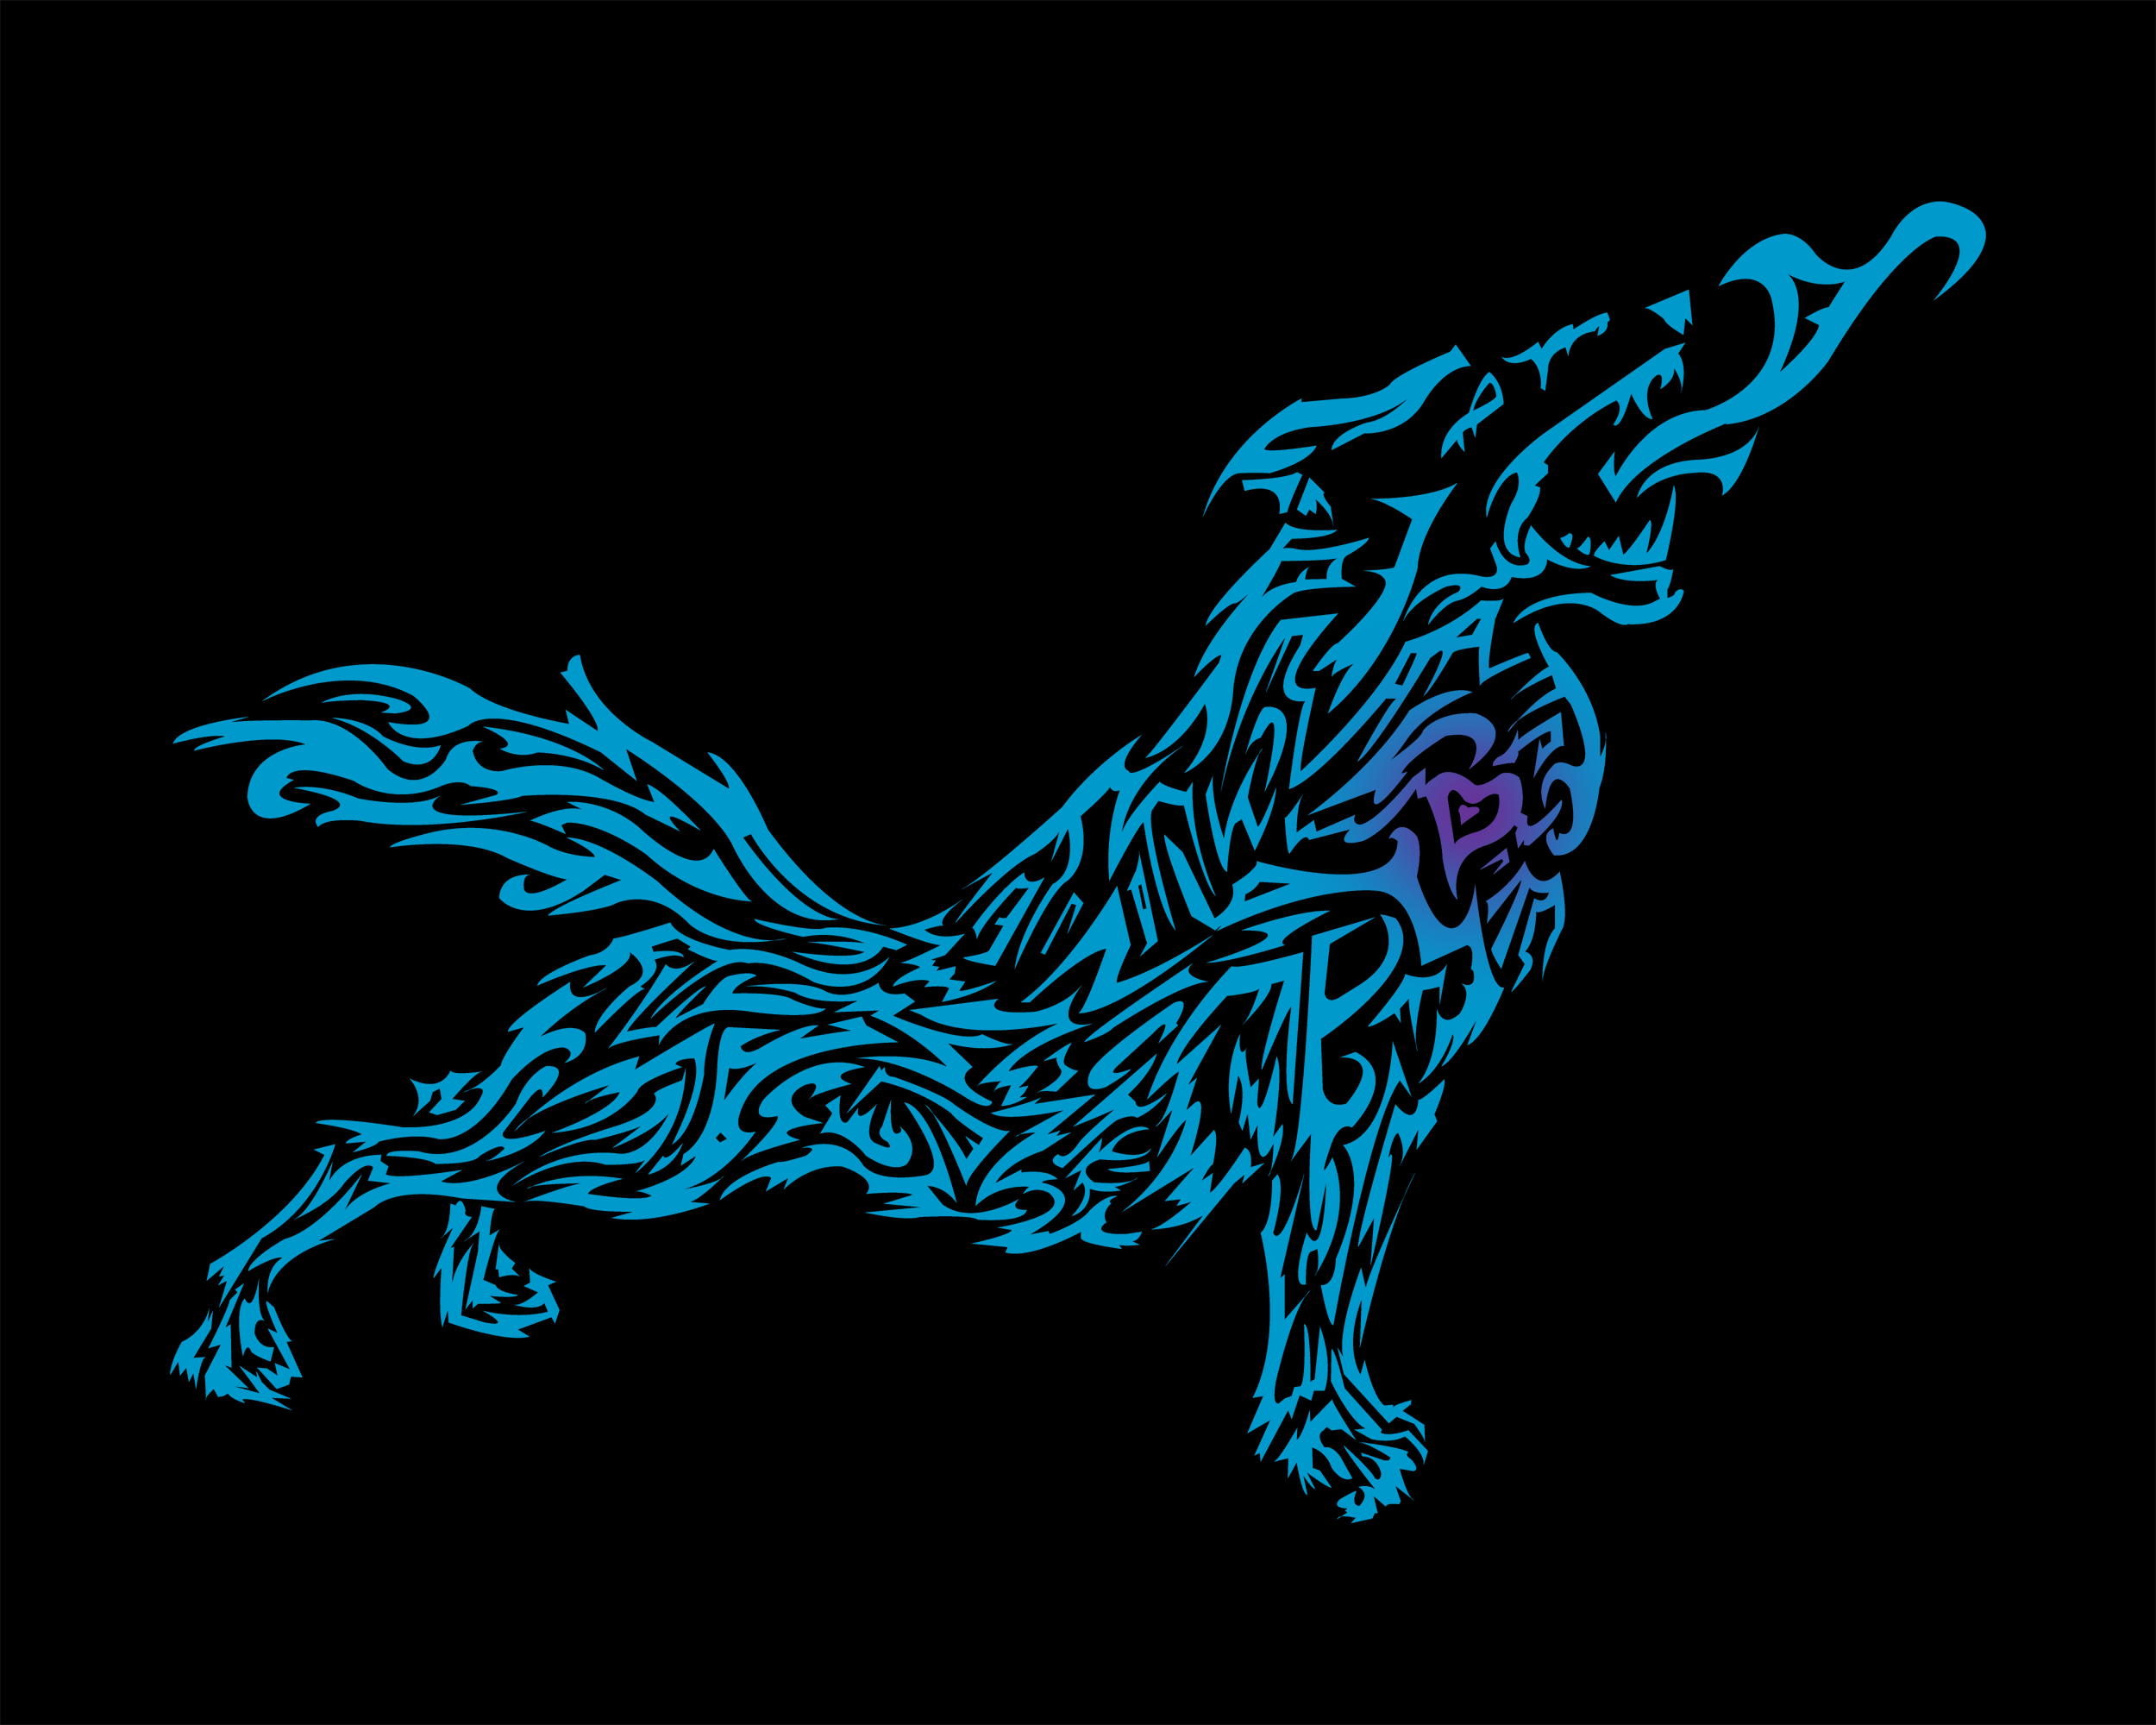 Tribal Wolf Wallpaper - WallpaperSafari